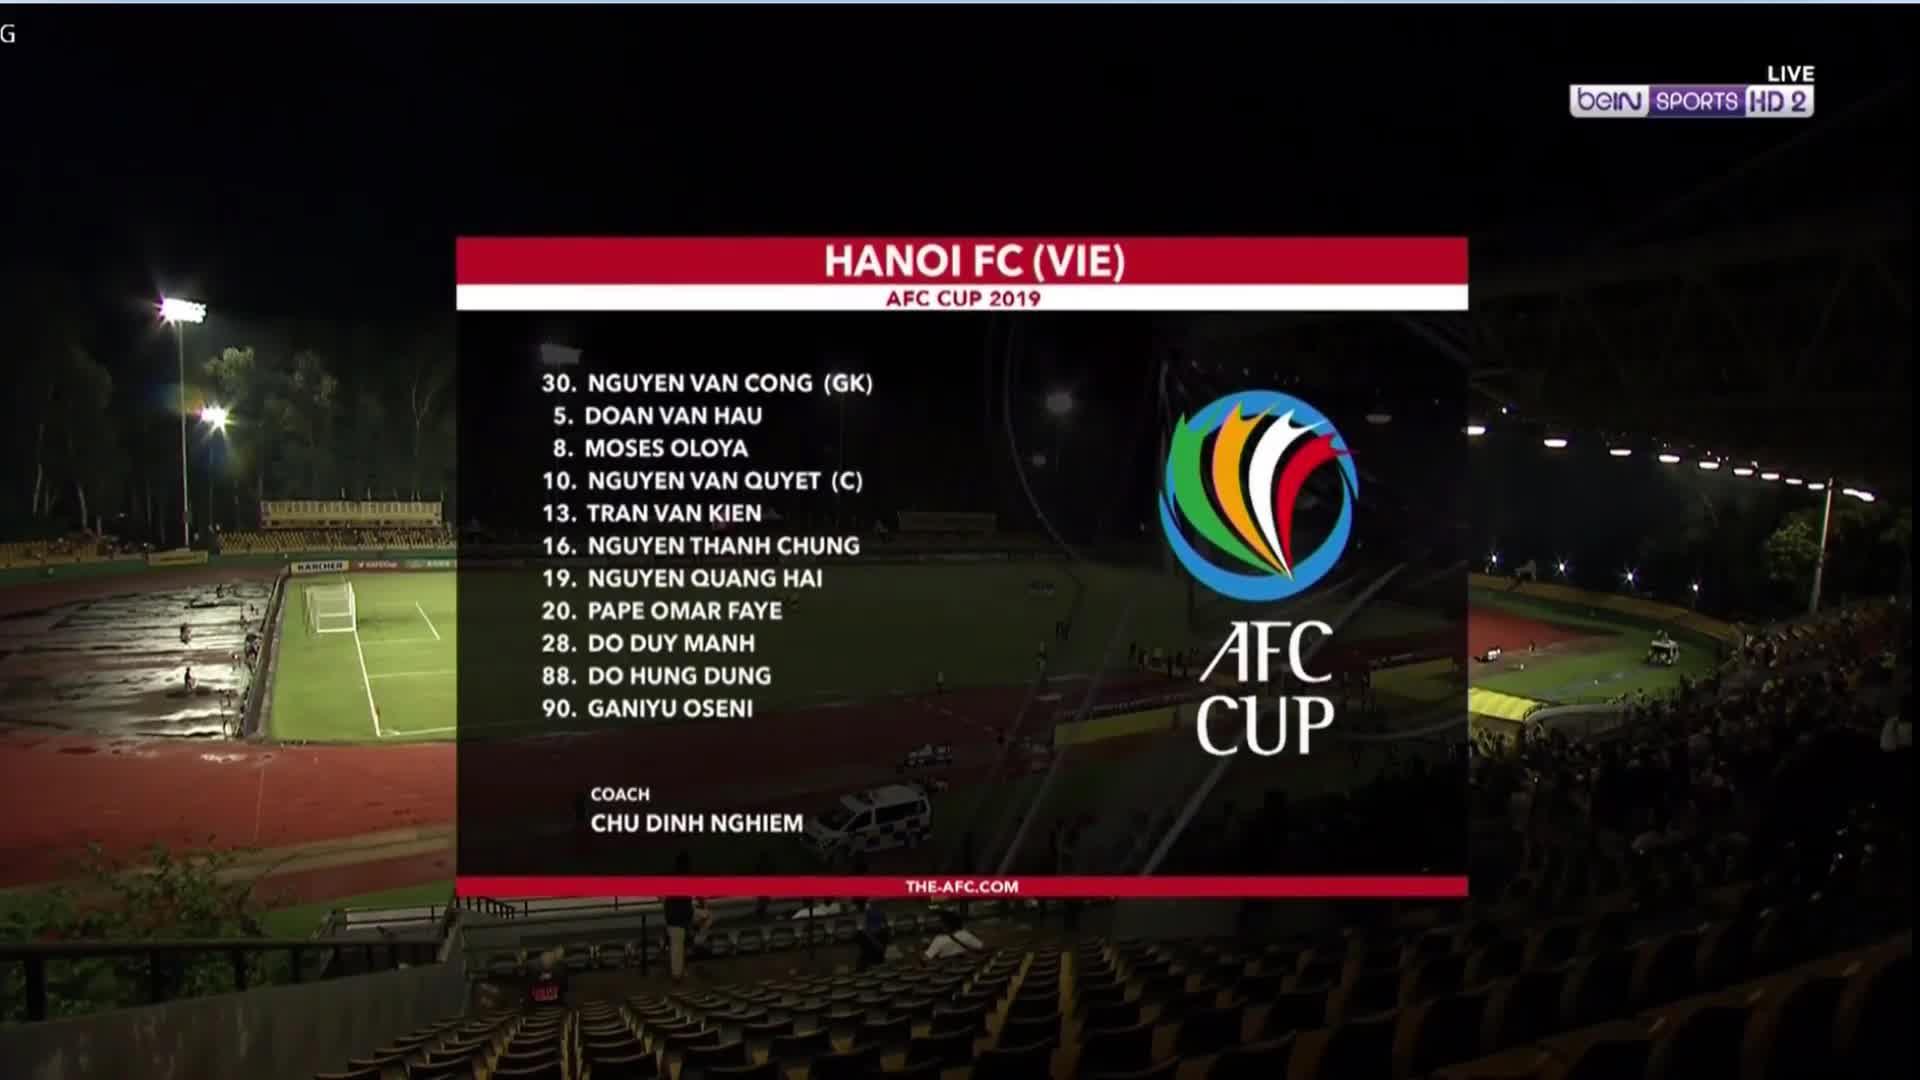 Bán kết lượt đi AFC Cup 2019 khu vực Đông Nam Á: Ceres Negros 1-1 CLB Hà Nội